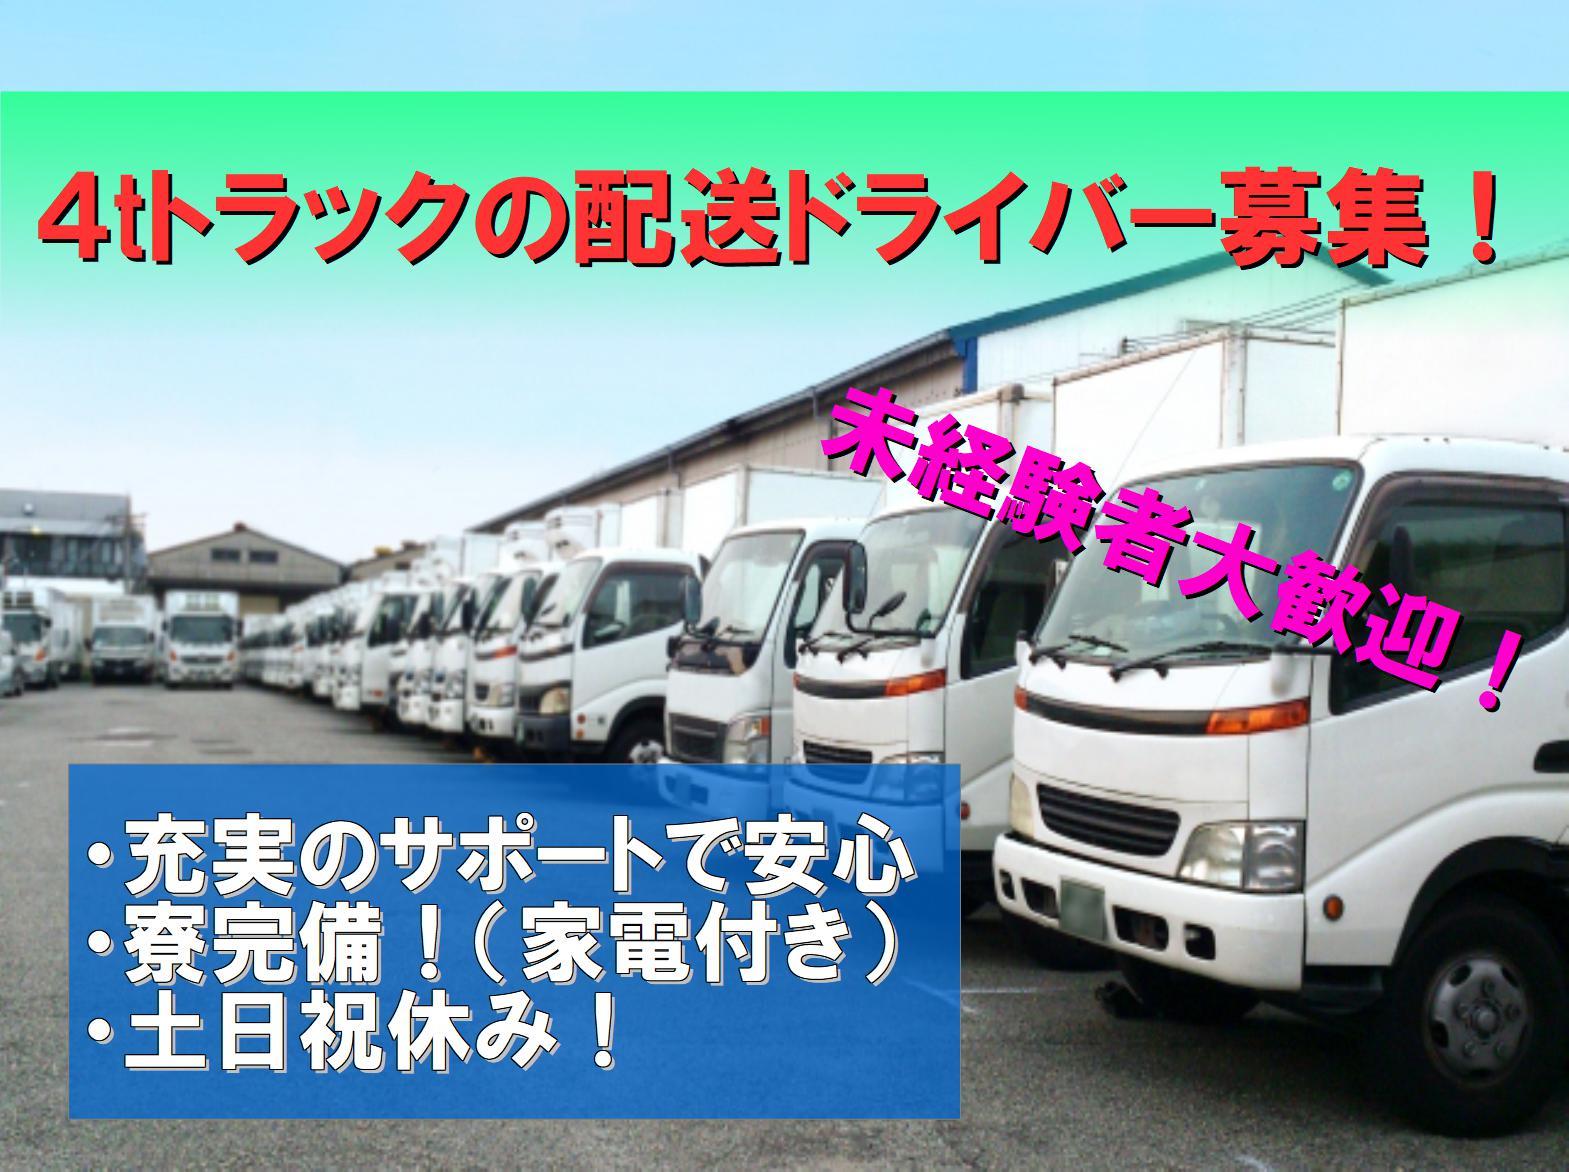 充実のサポートで未経験でも安心♪異業種からの転職も大歓迎!4tトラックの配送ドライバー! イメージ